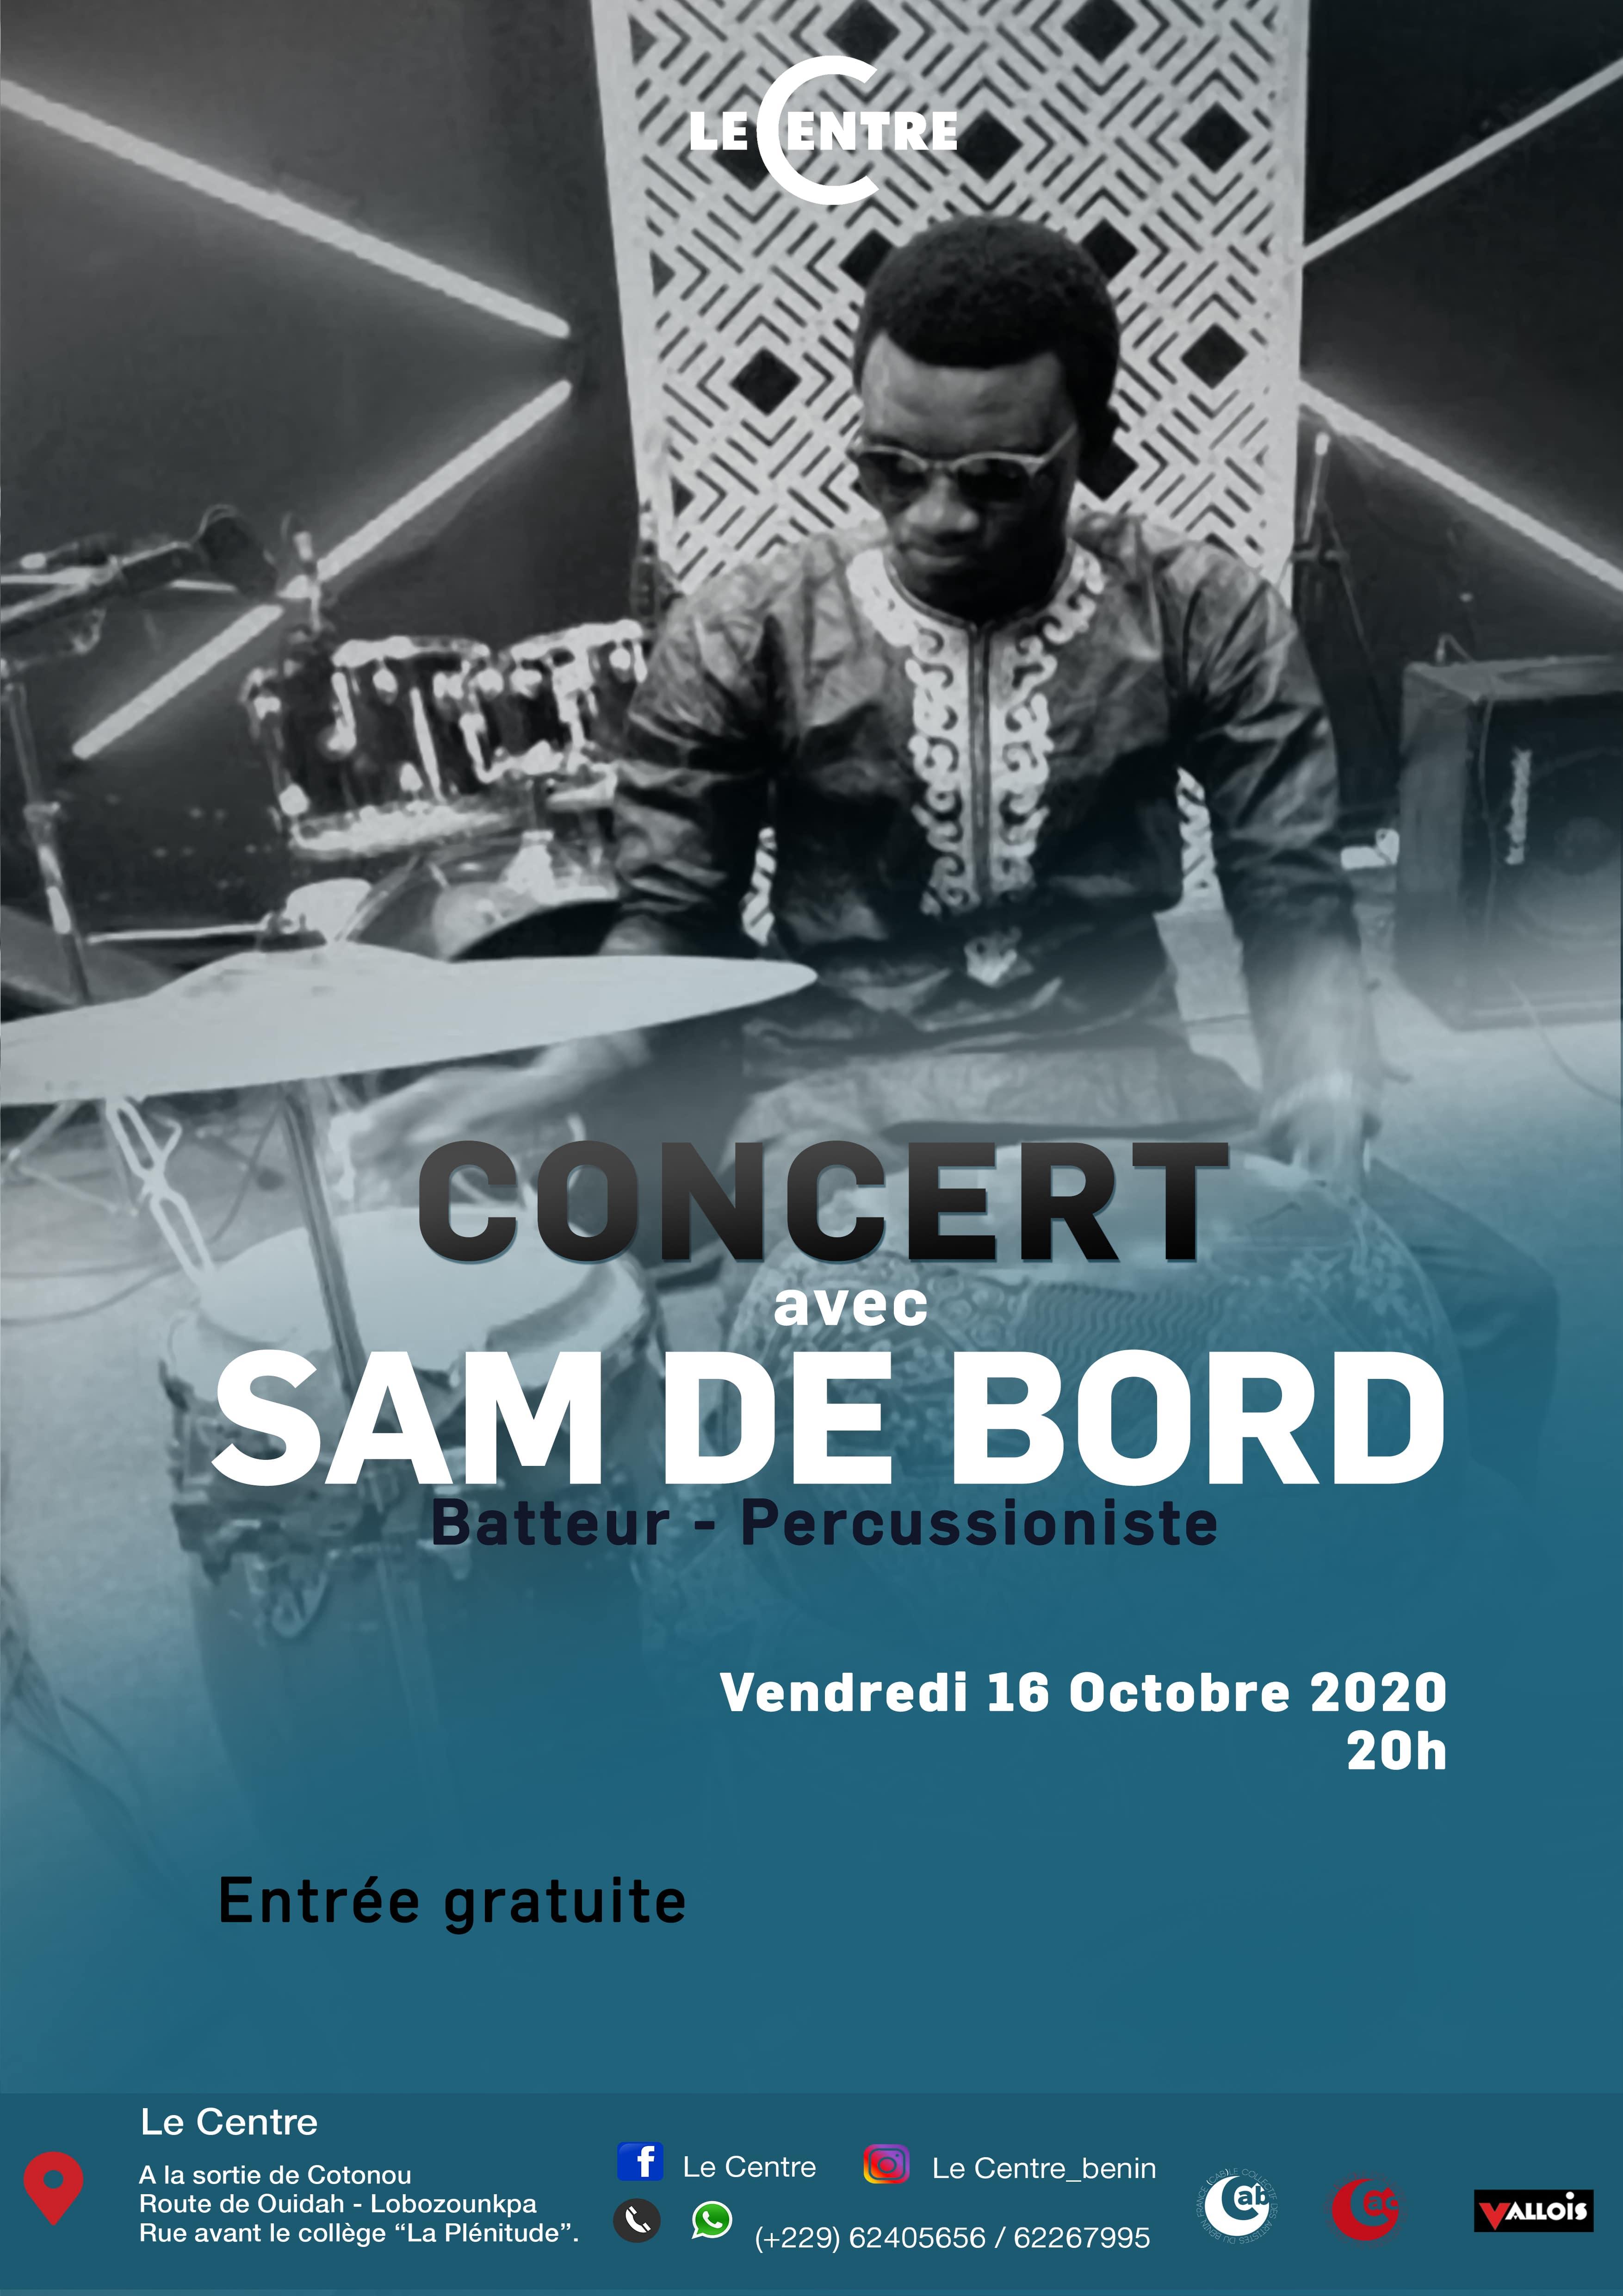 Concert, Sam de Bord